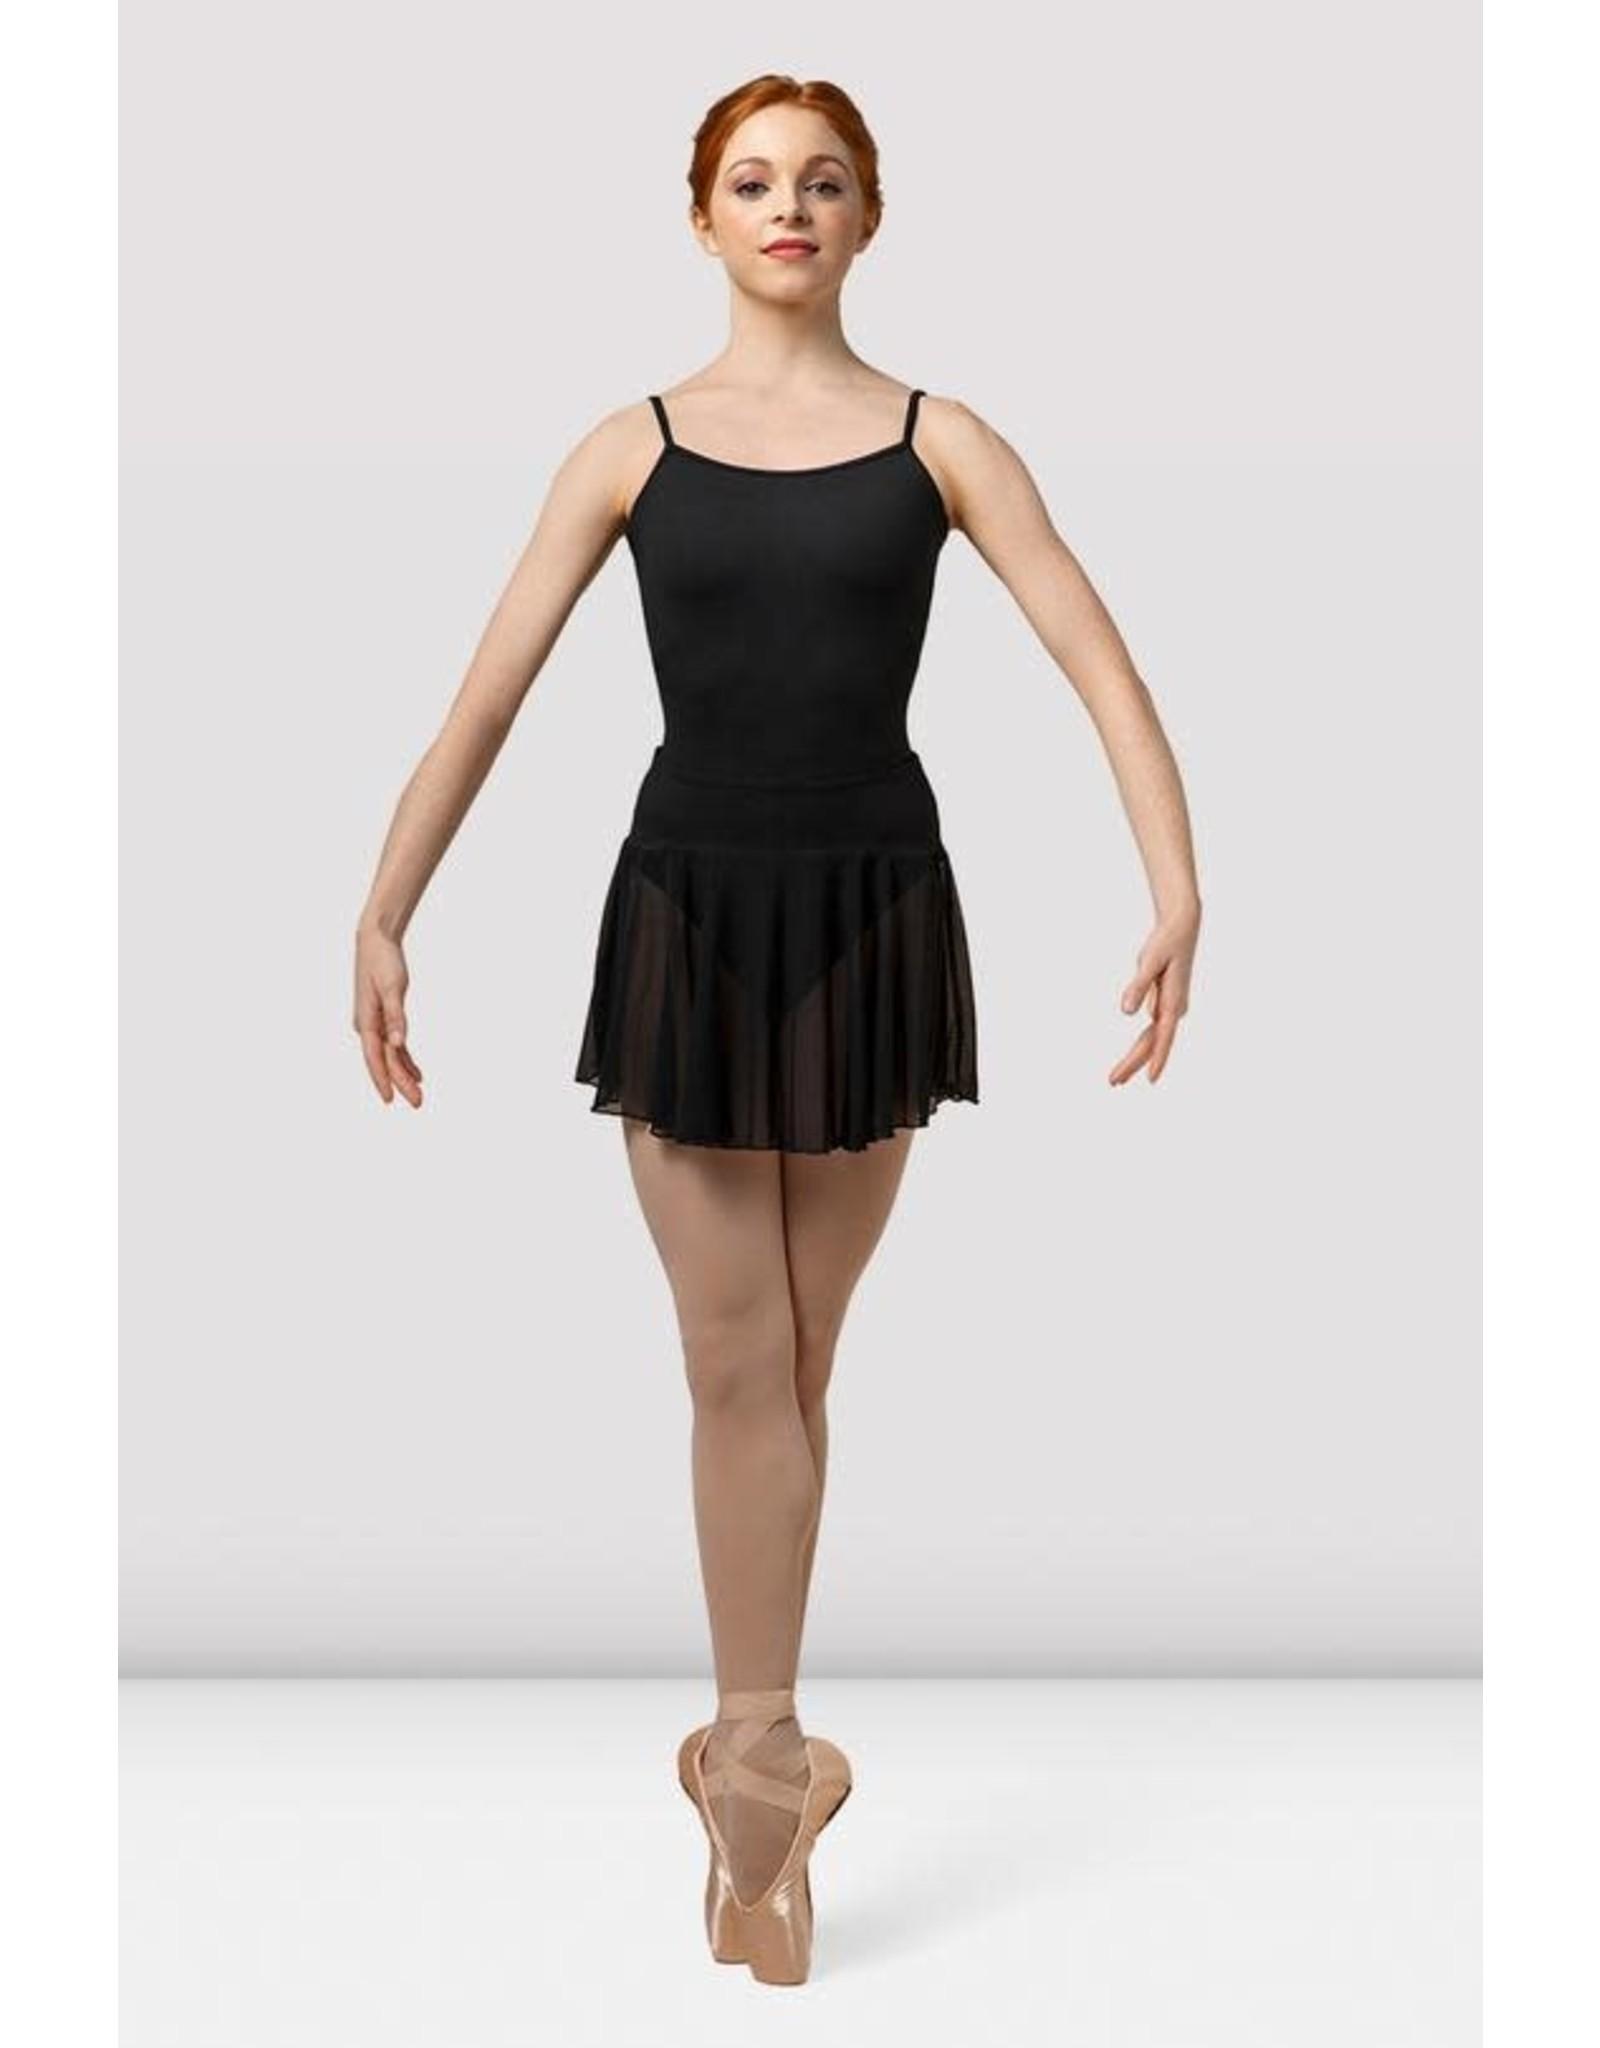 Mirella MS158 balletrokje Roman Lace Yoke